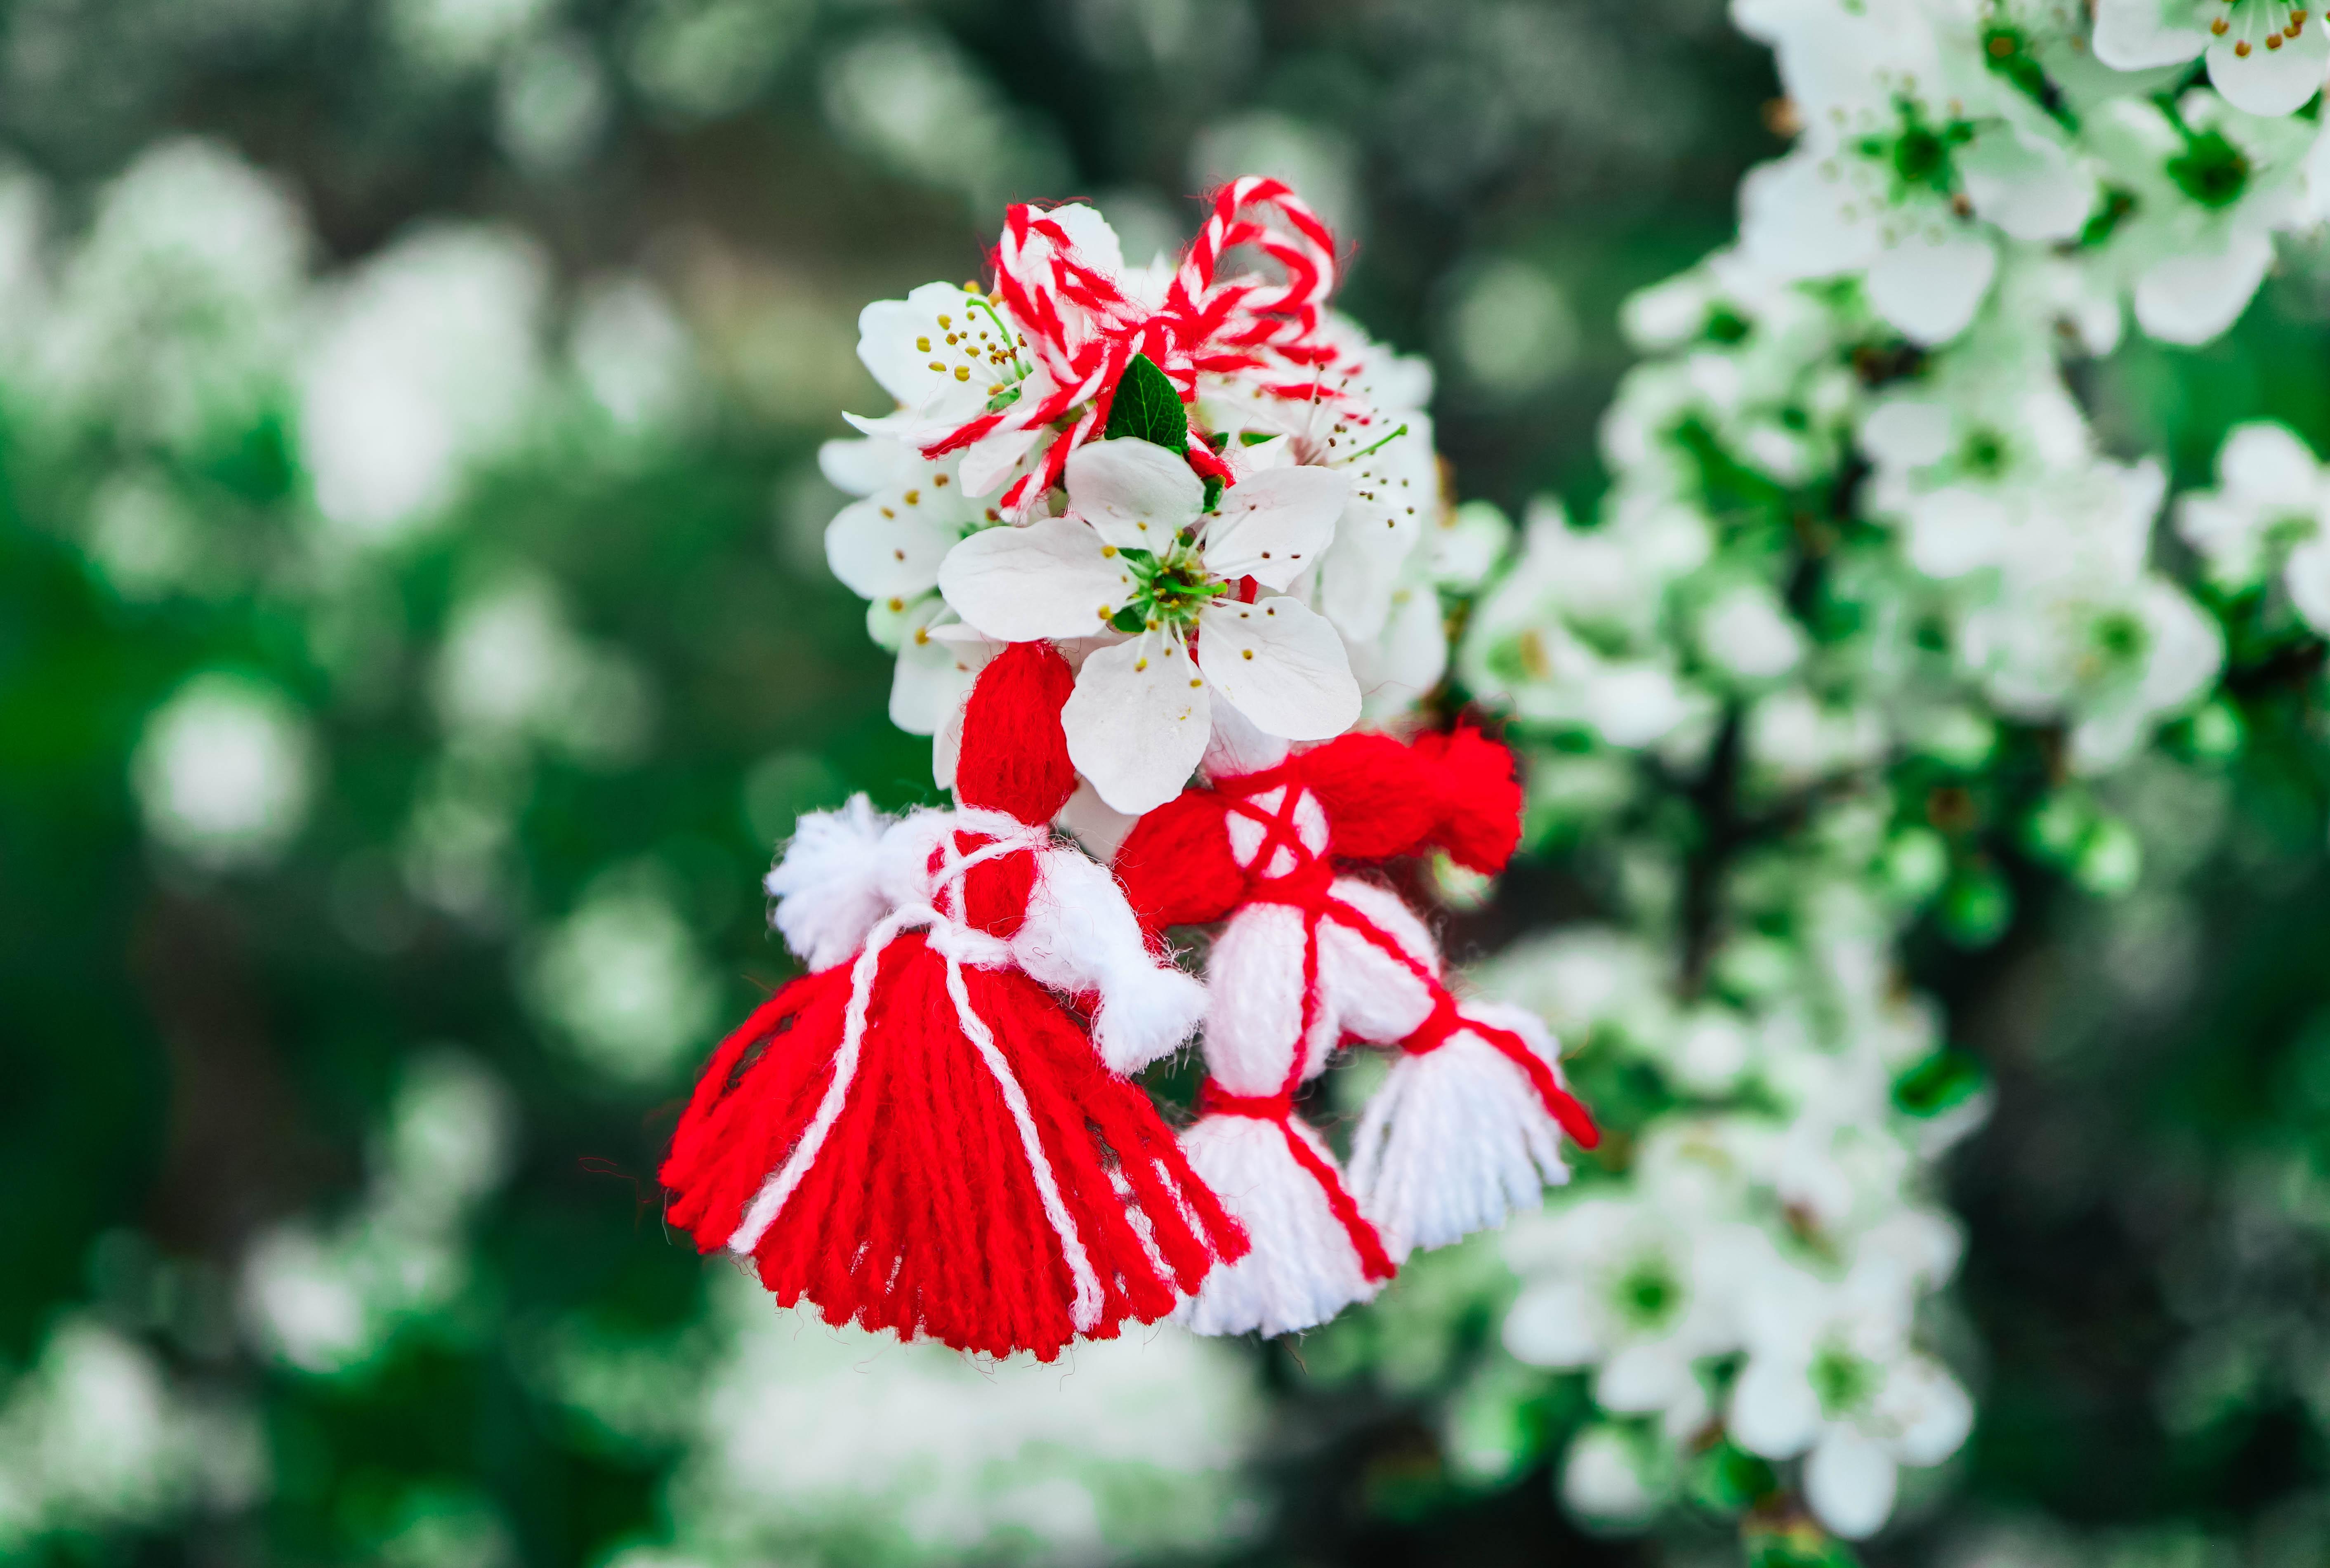 <p>На 1 март отбелязваме Баба Марта. Баба Марта е един от най-тачените български обичаи с хилядолетна традиция. На този празник всеки подарява на близките си специален амулет, наречен мартеница, за здраве и сила през следващата година.</p>